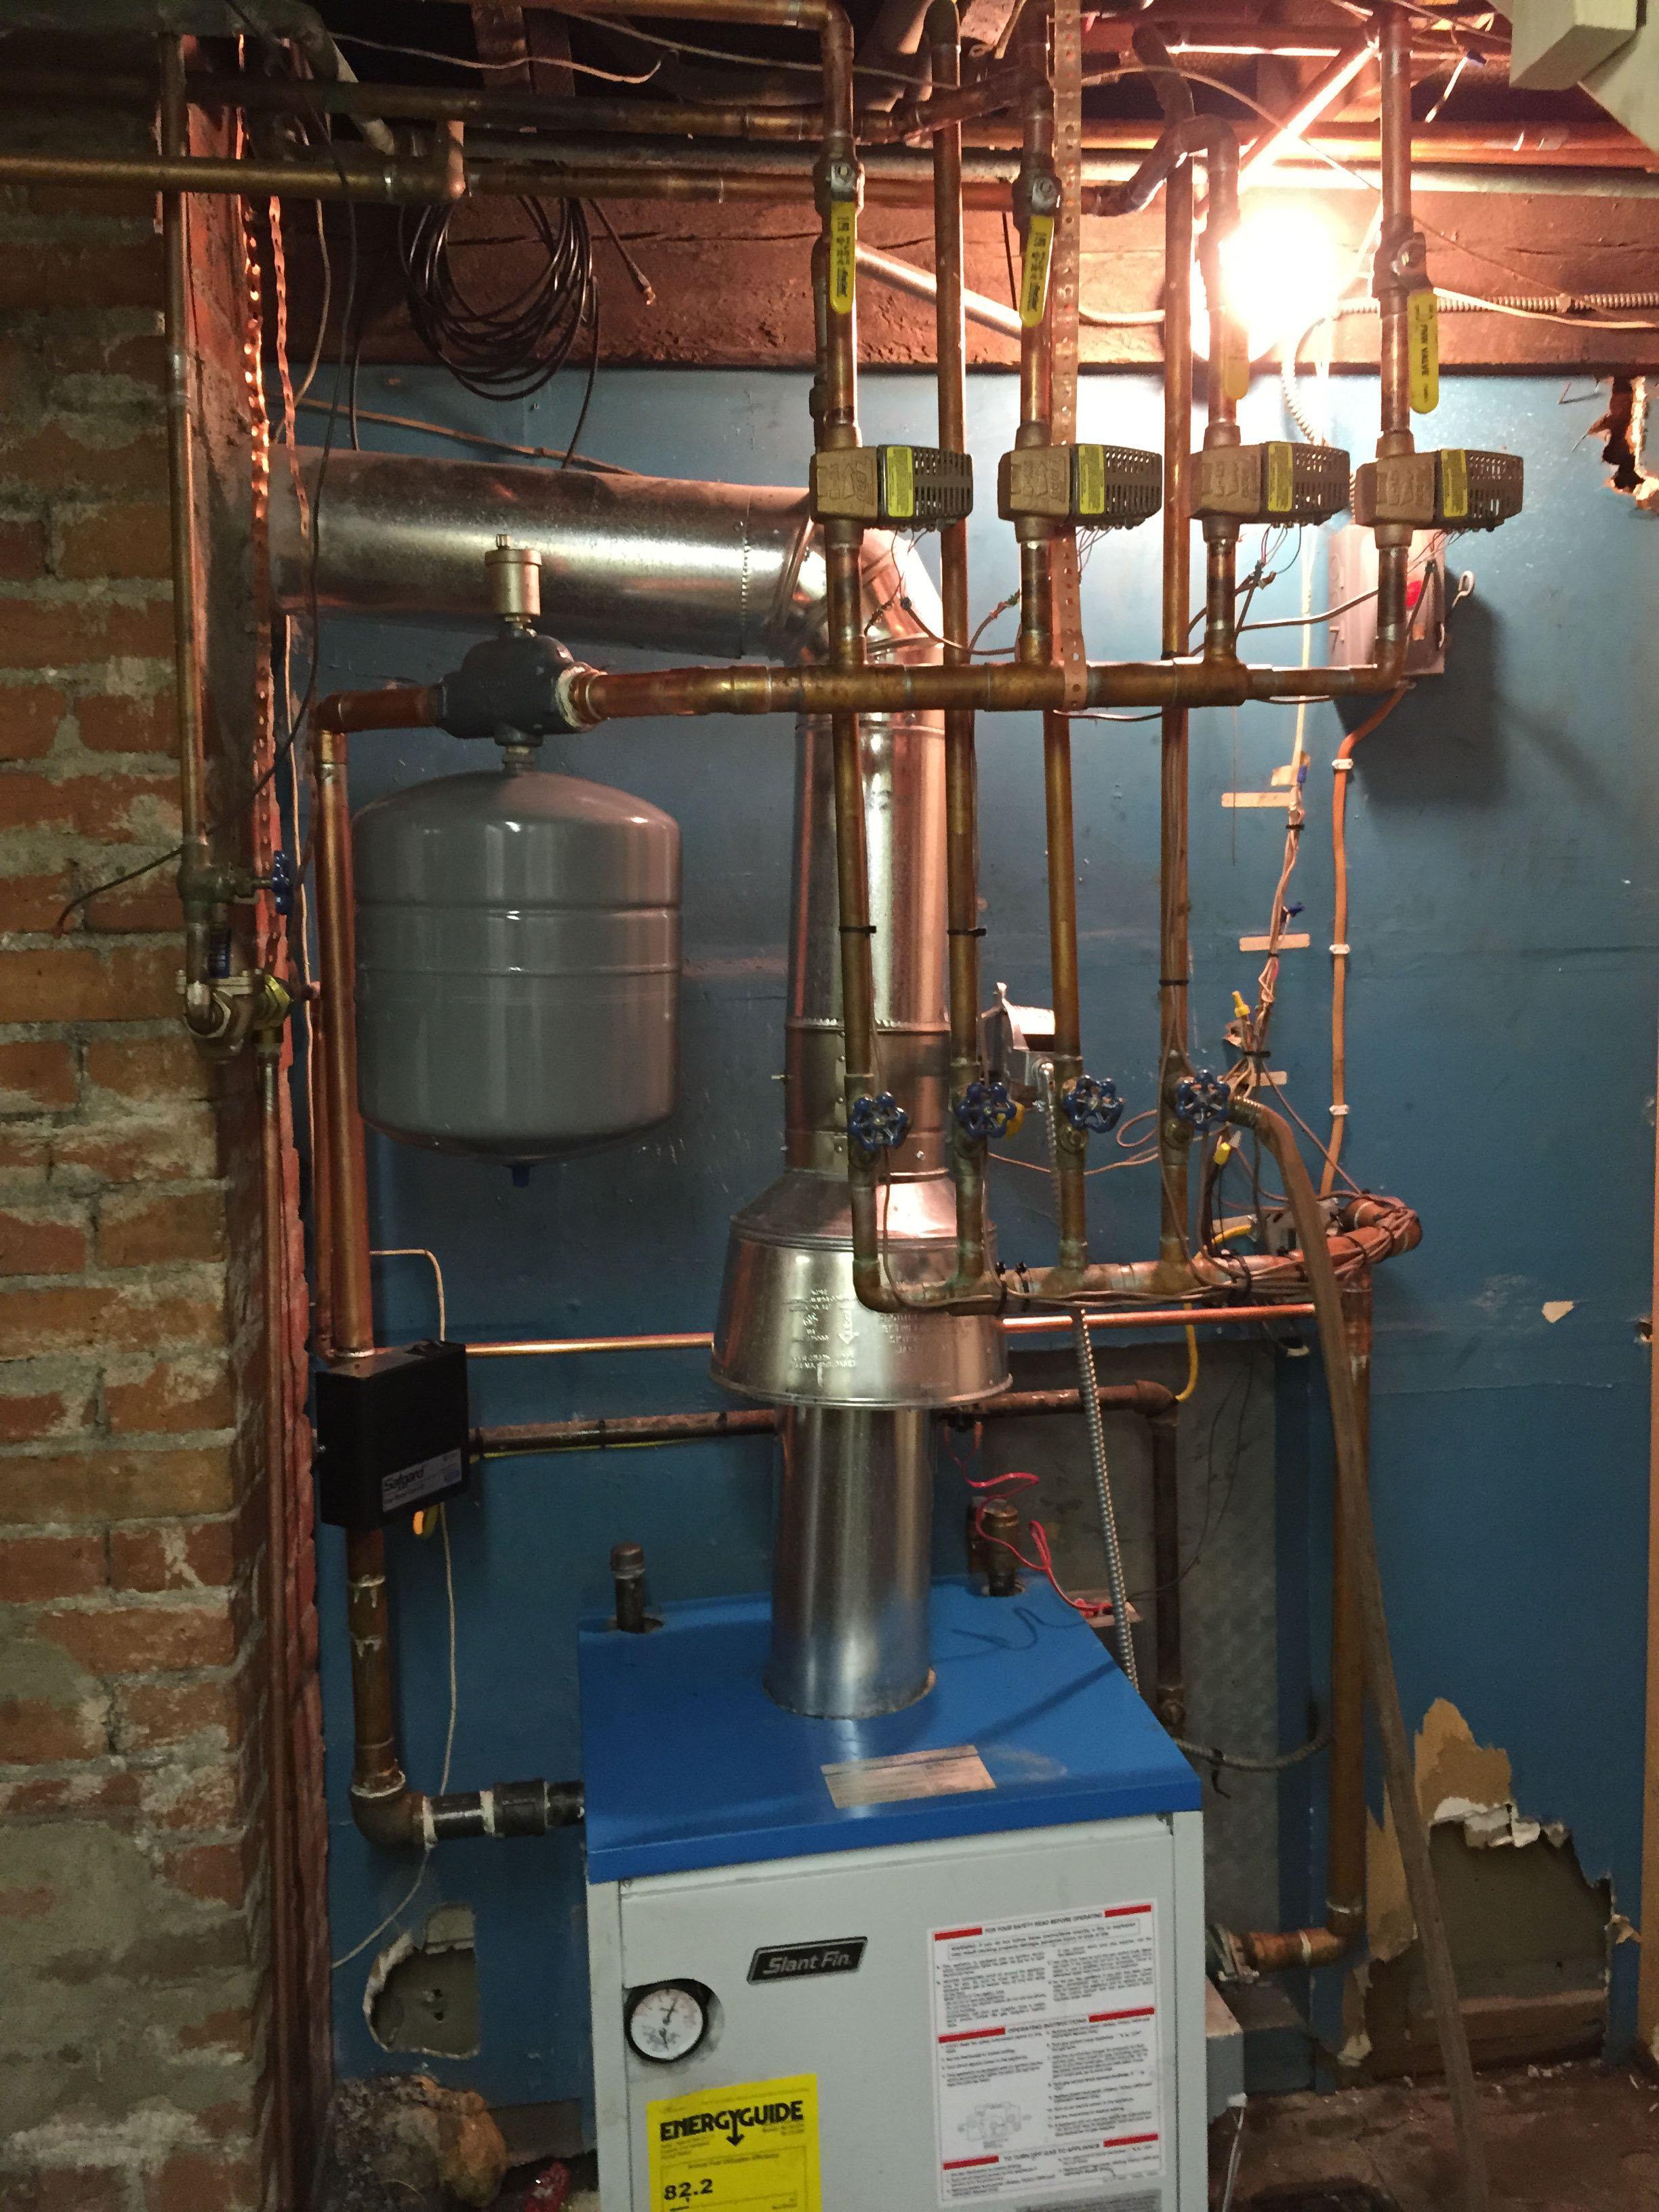 Schön Hydronic Boilersystem Bilder - Der Schaltplan - triangre.info